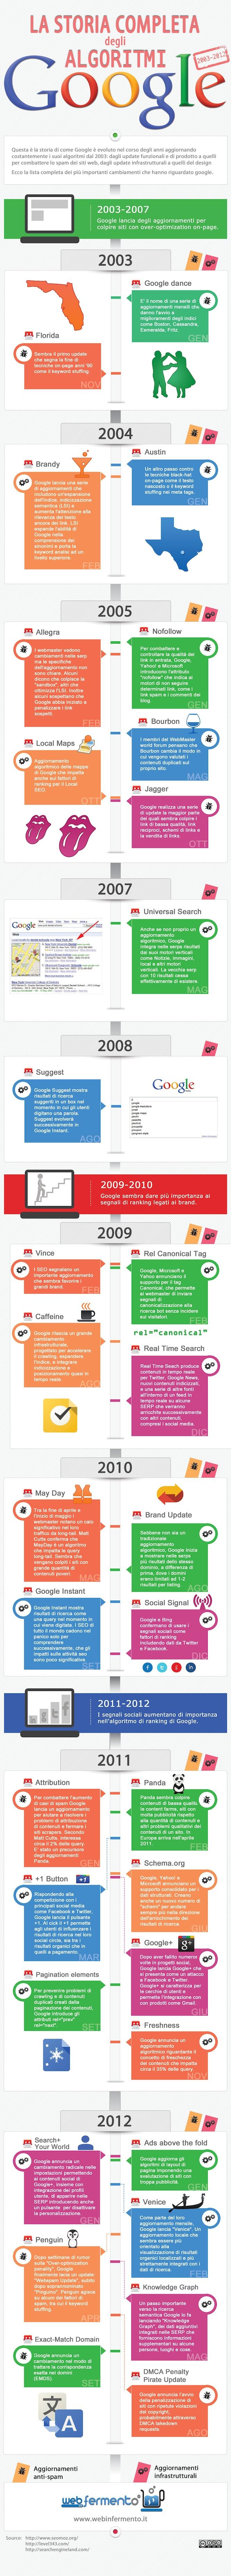 Infografica: La Storia Completa degli Algoritmi di Google 2003-2012